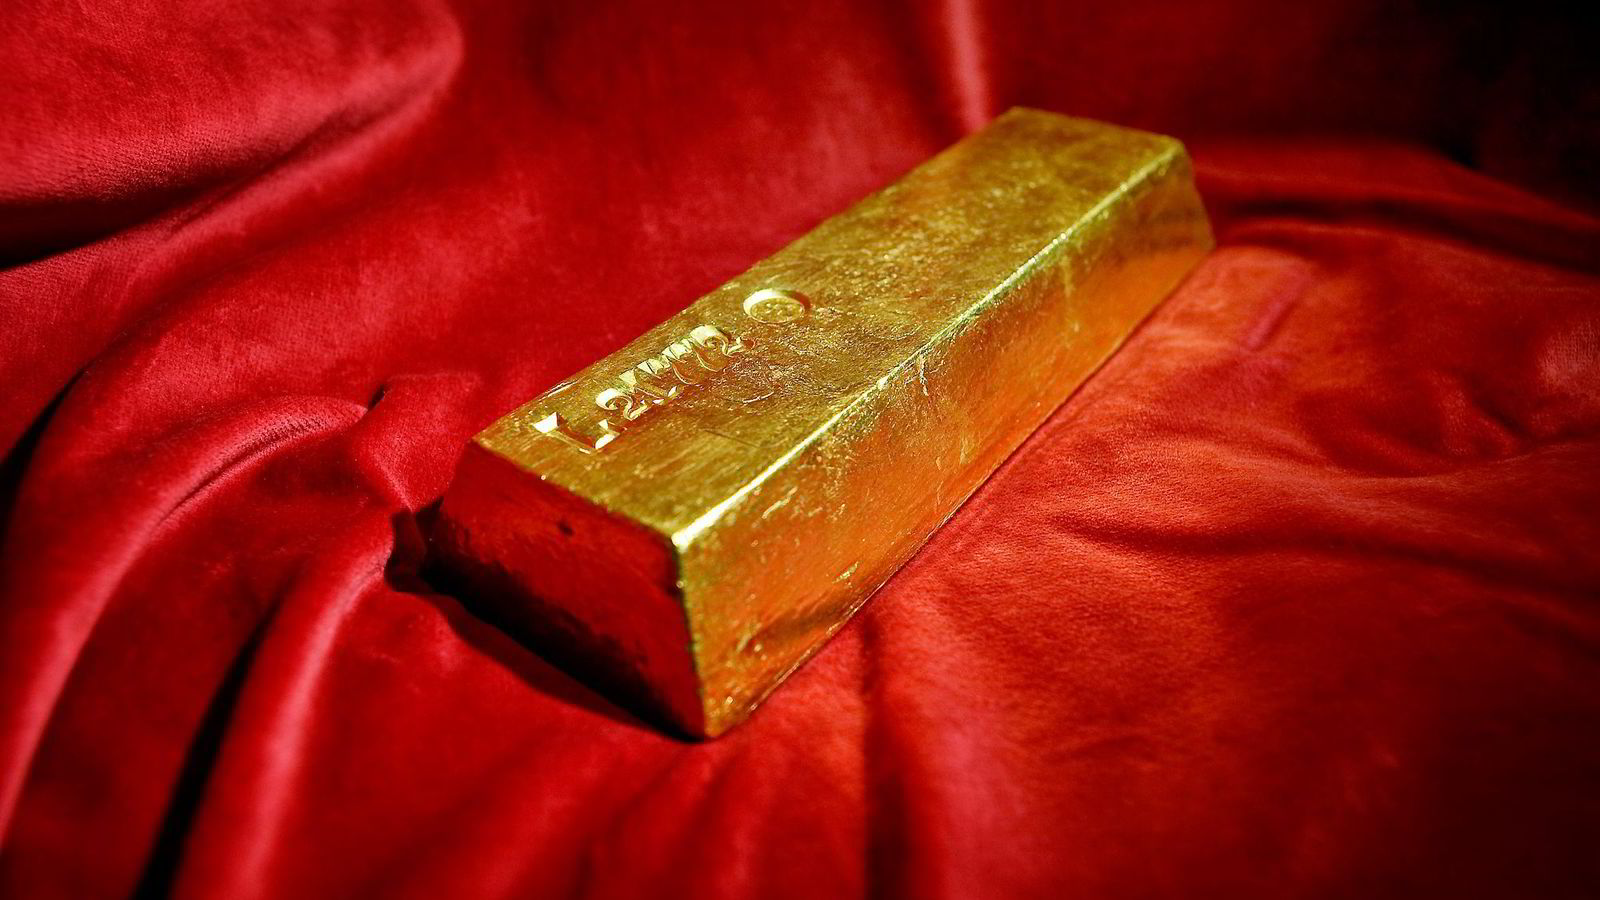 EN UNSE GULL ER EN UNSE GULL. Om hundre år vil ikke gullet ha vokst og heller ikke ha produsert noe. Har du kjøpt en unse med gull, eier du fortsatt en unse med gull. Her er en av Norges Banks syv gullbarrer.                Foto: Jon-Michael Josefsen/